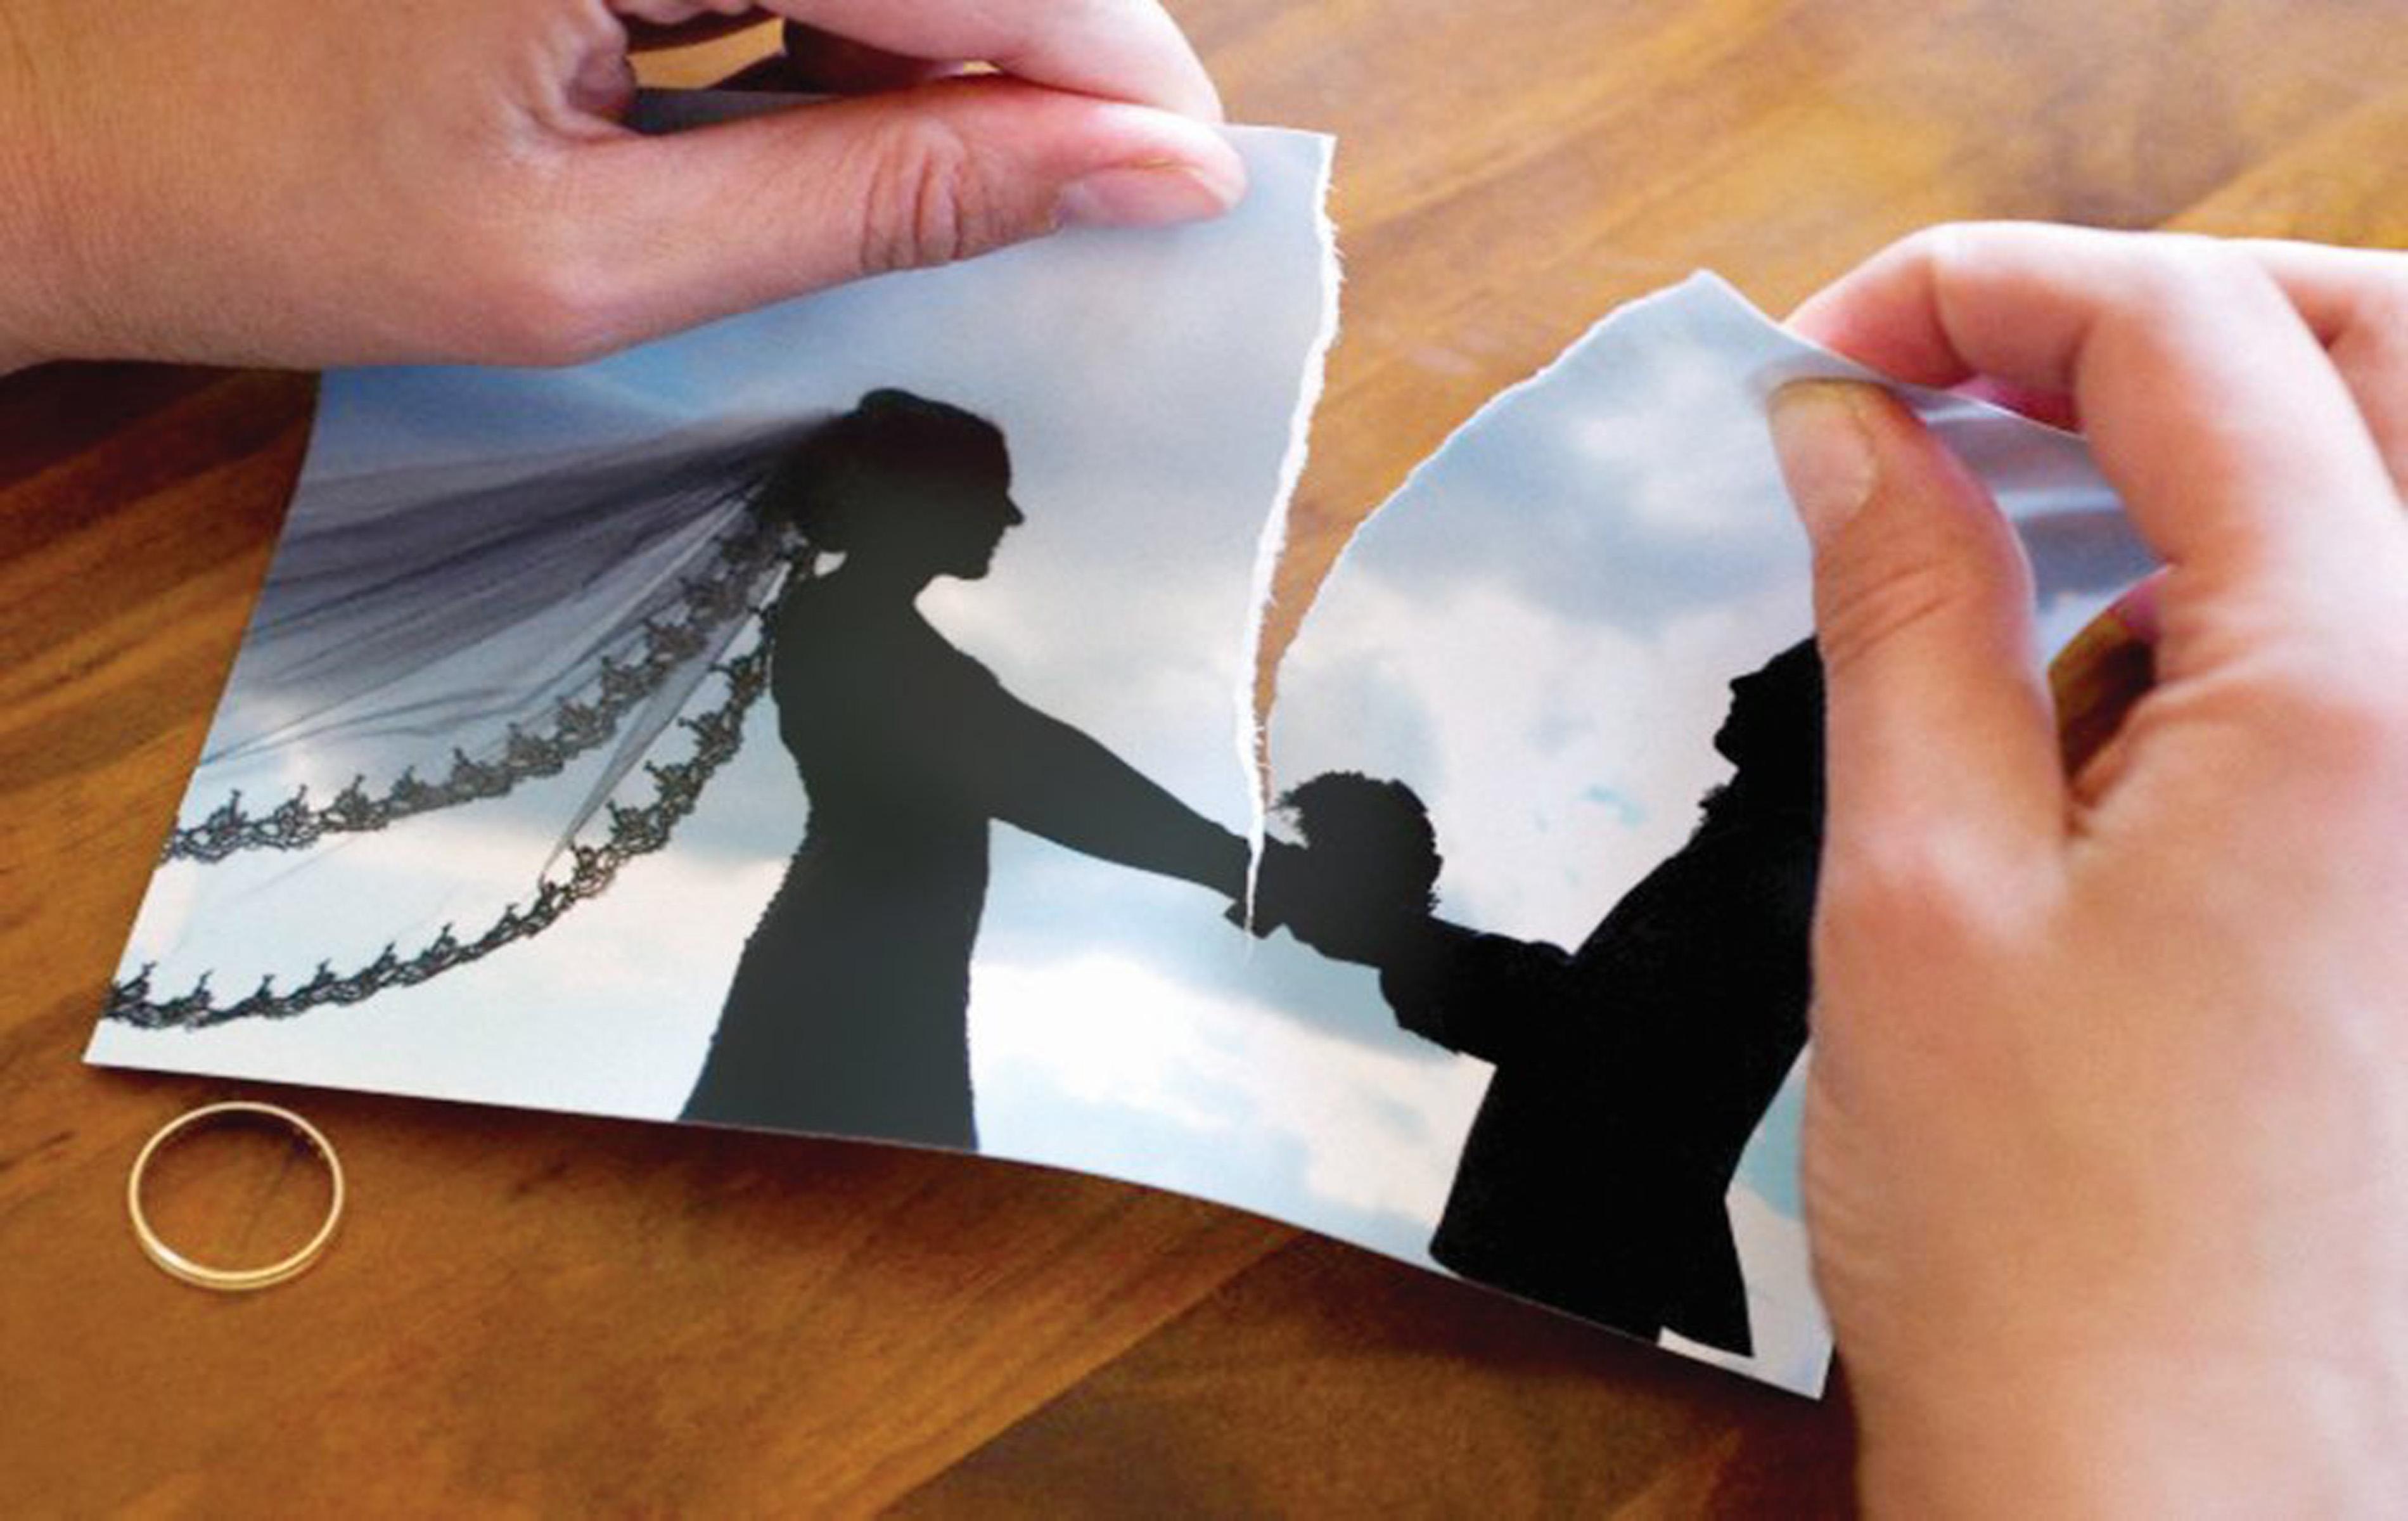 دلیل اول «طلاق» در ایران